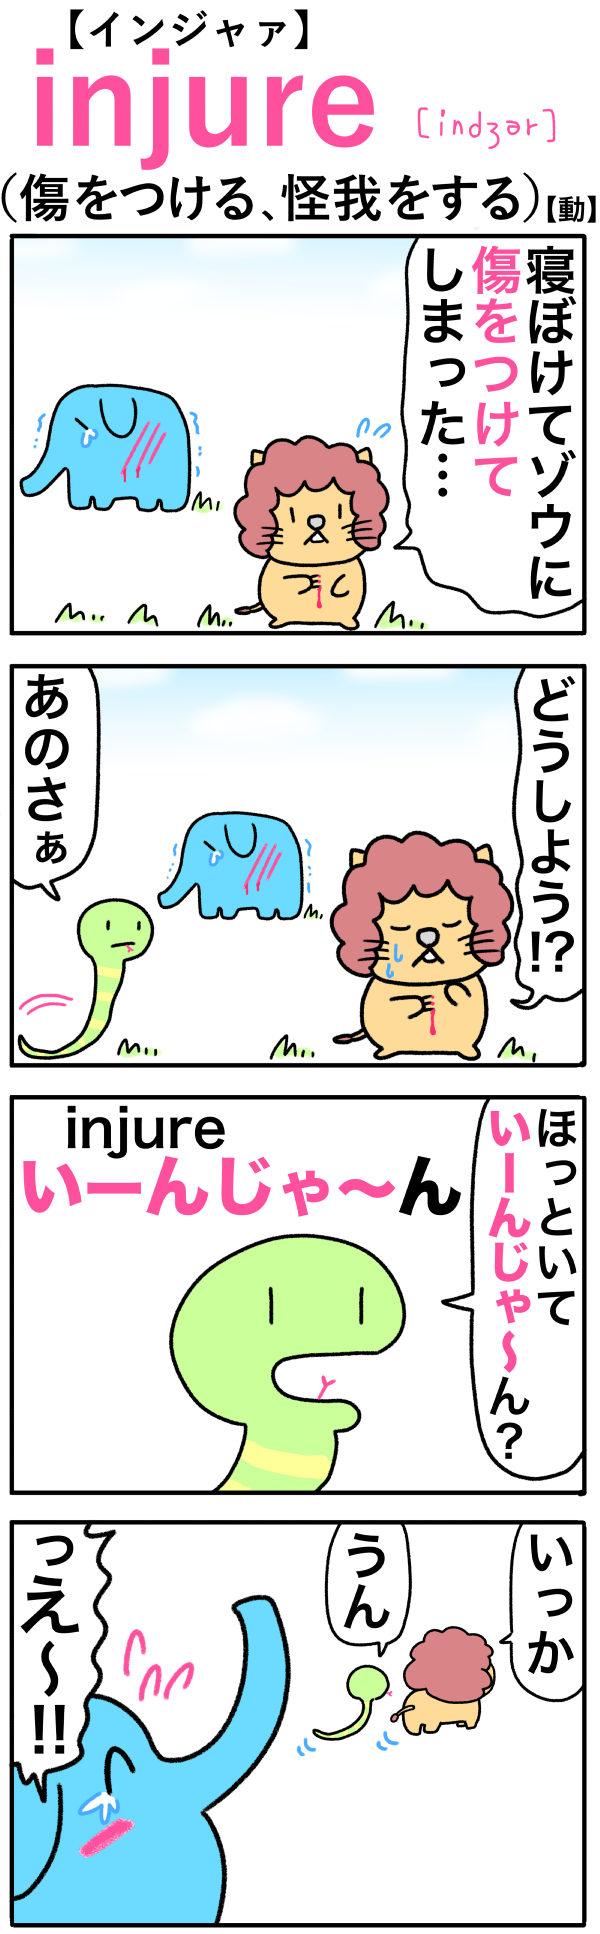 injure(傷をつける)の語呂合わせ英単語